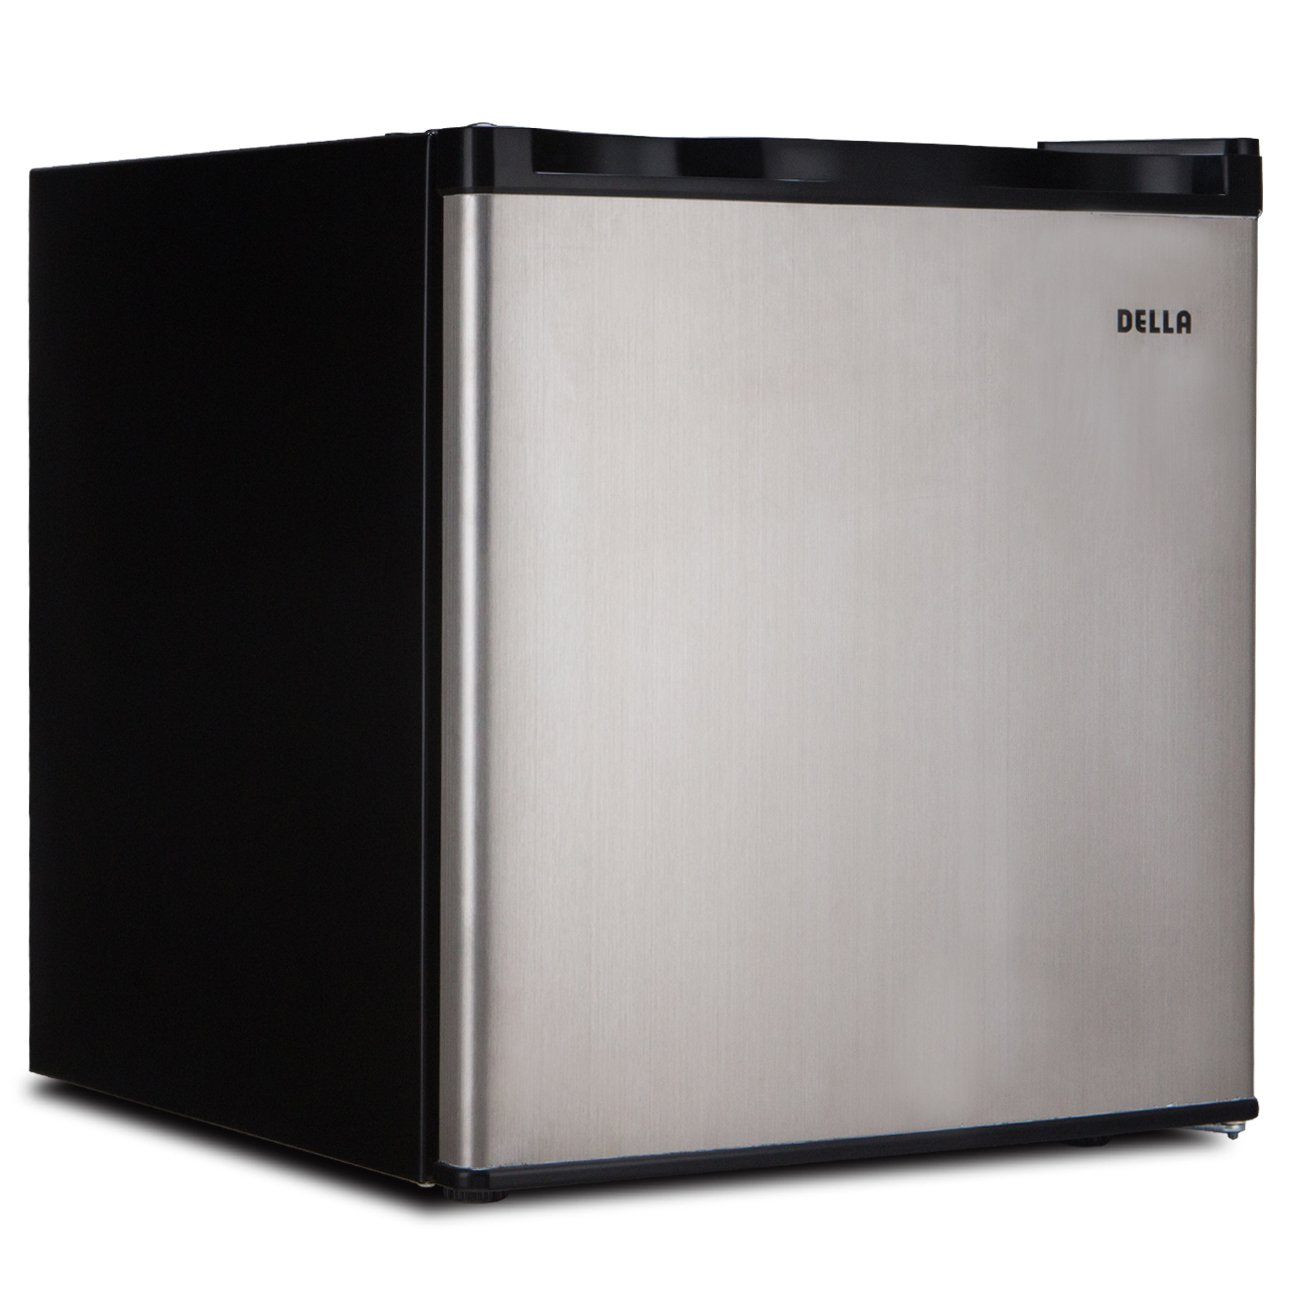 amazon com della compact mini refrigerator freezer 1 6 cubic